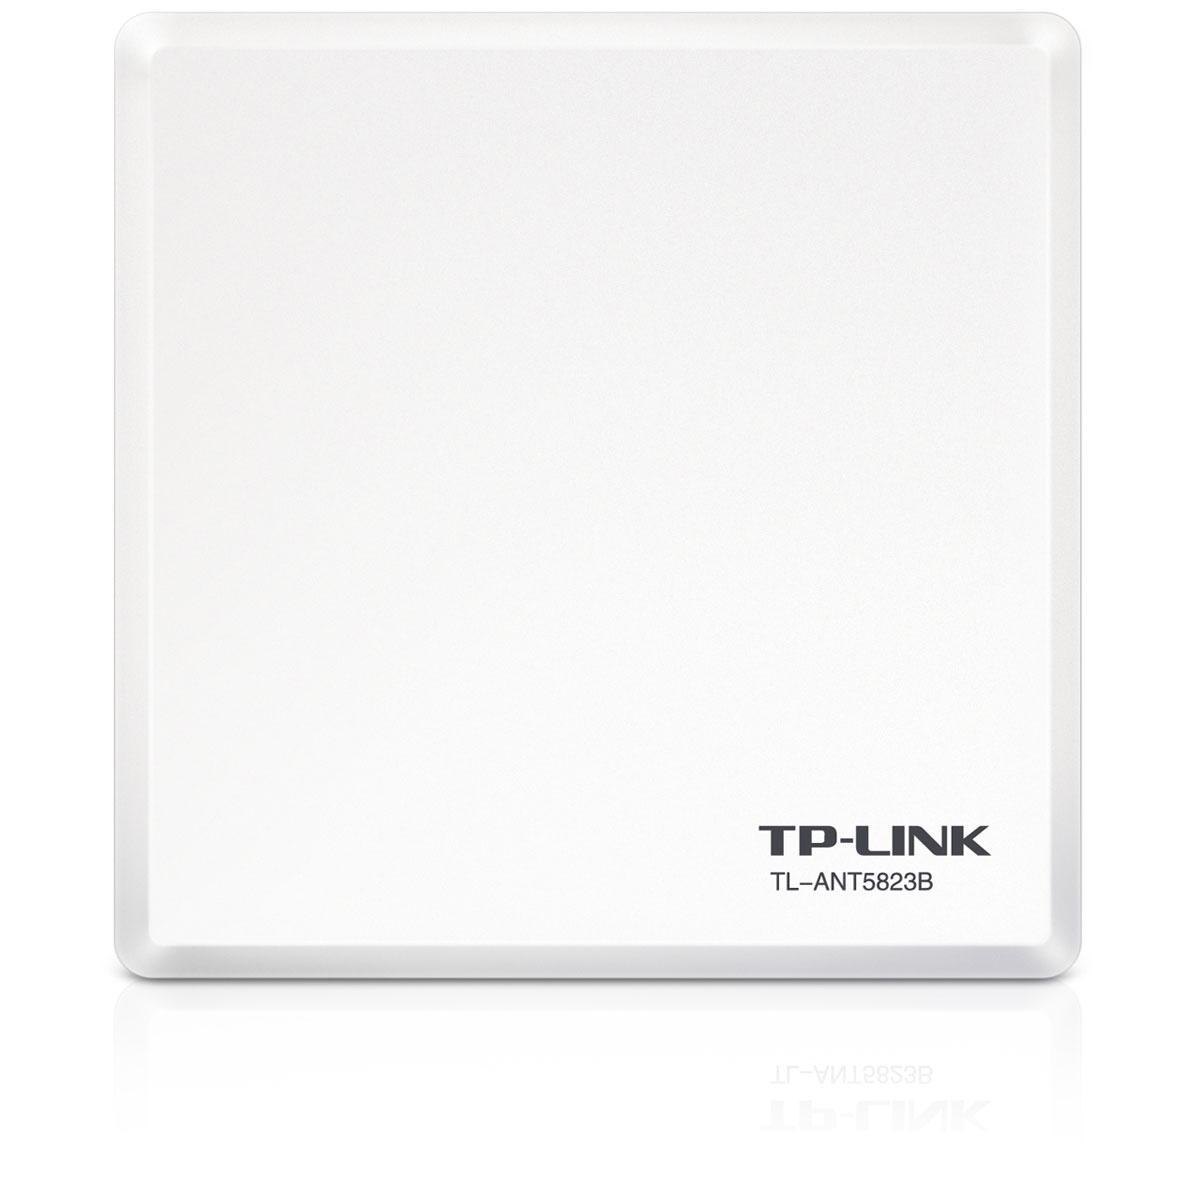 Accessoires WiFi TP-LINK TL-ANT5823B Antenne directionnelle d'extérieur 23dBi 5GHz